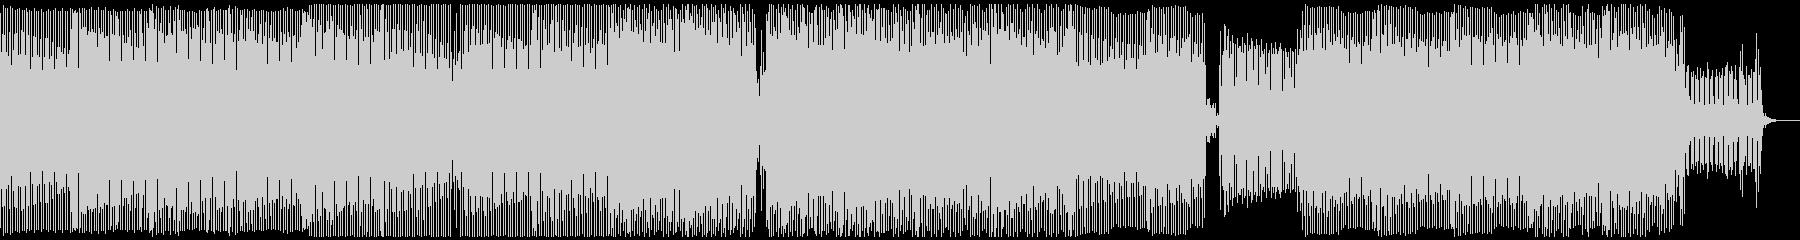 【トークに最適化】ダークなミニマルテクノの未再生の波形